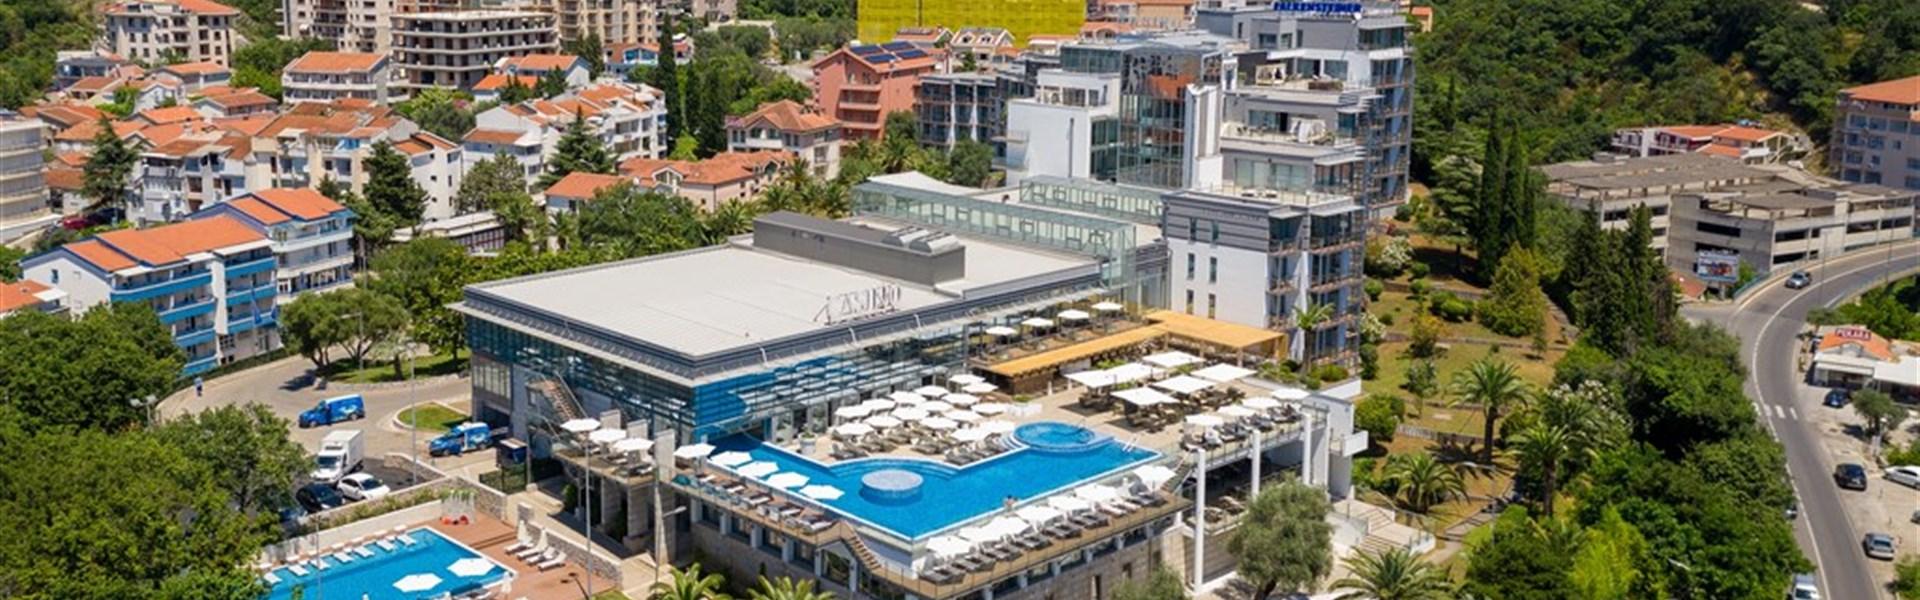 Falkensteiner Hotel Montenegro -